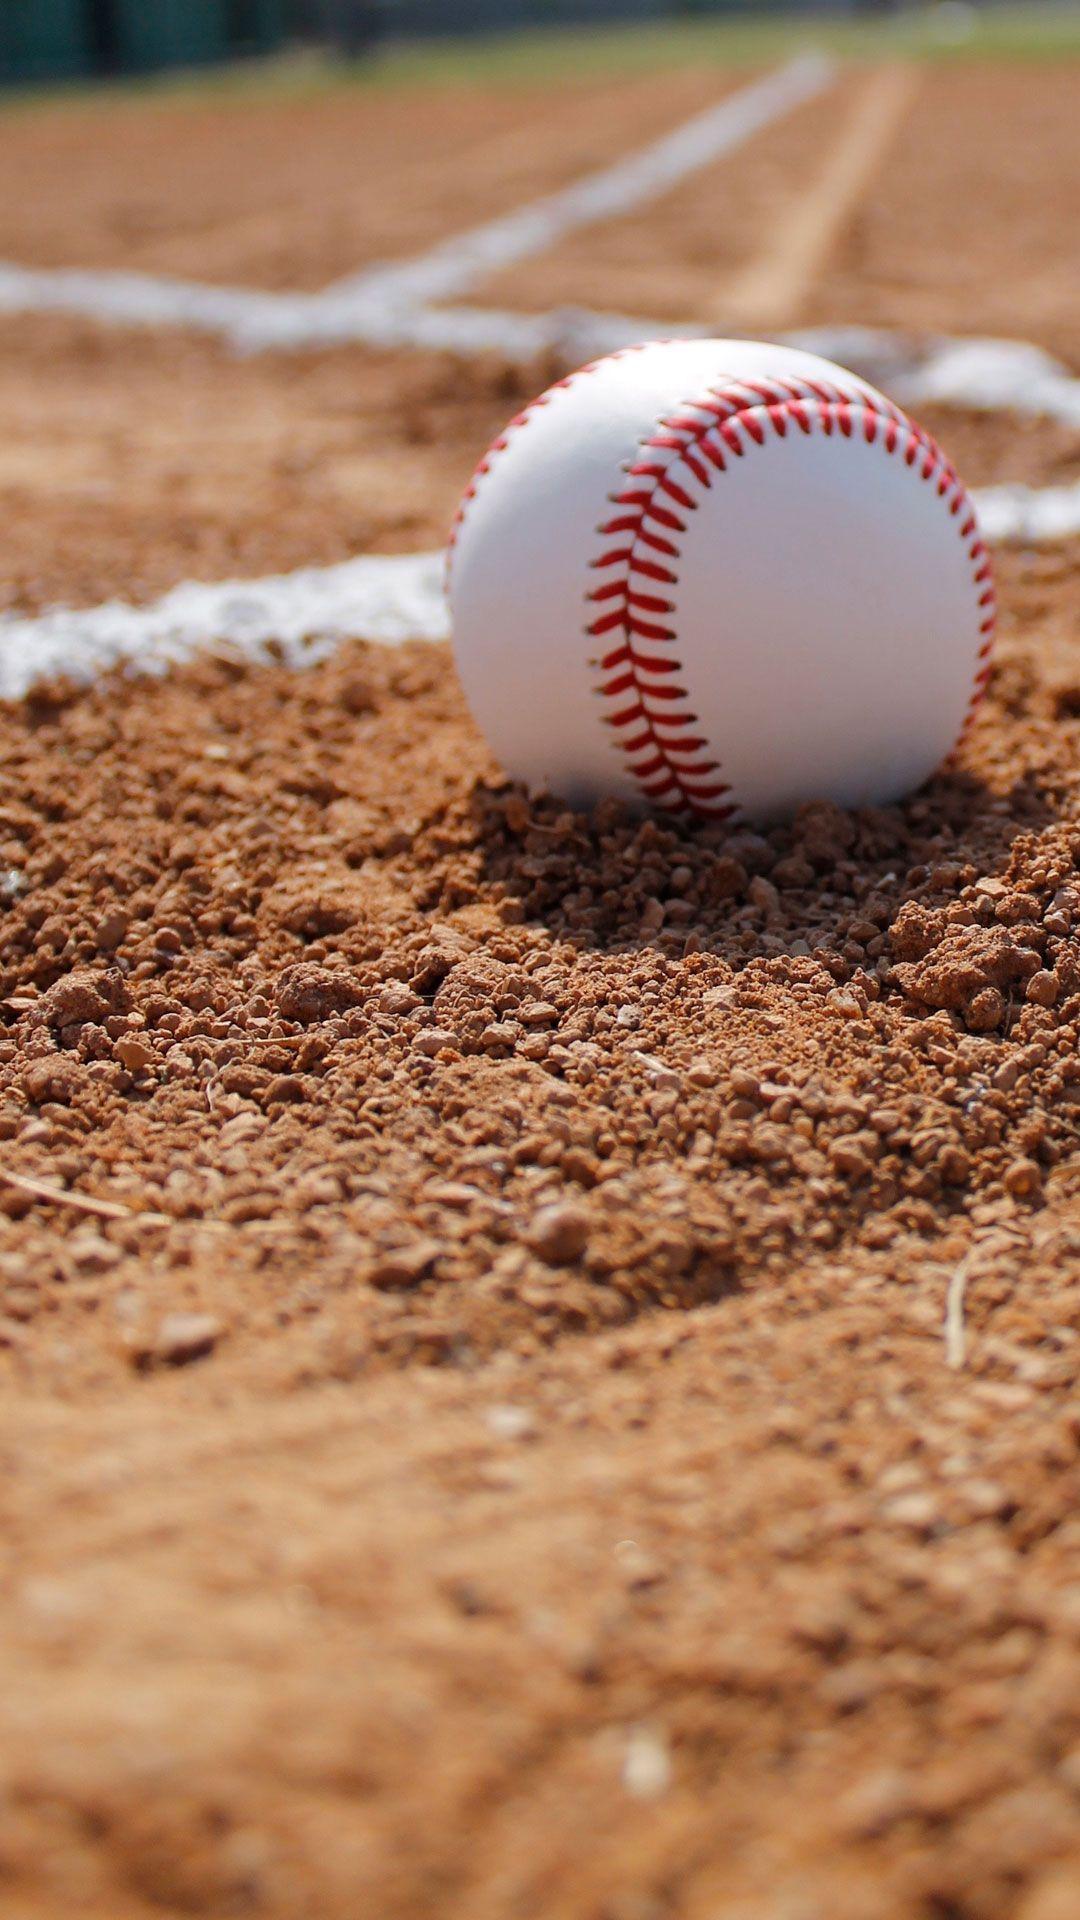 Baseball Phone Wallpaper in 2020 Baseball wallpaper, Mlb